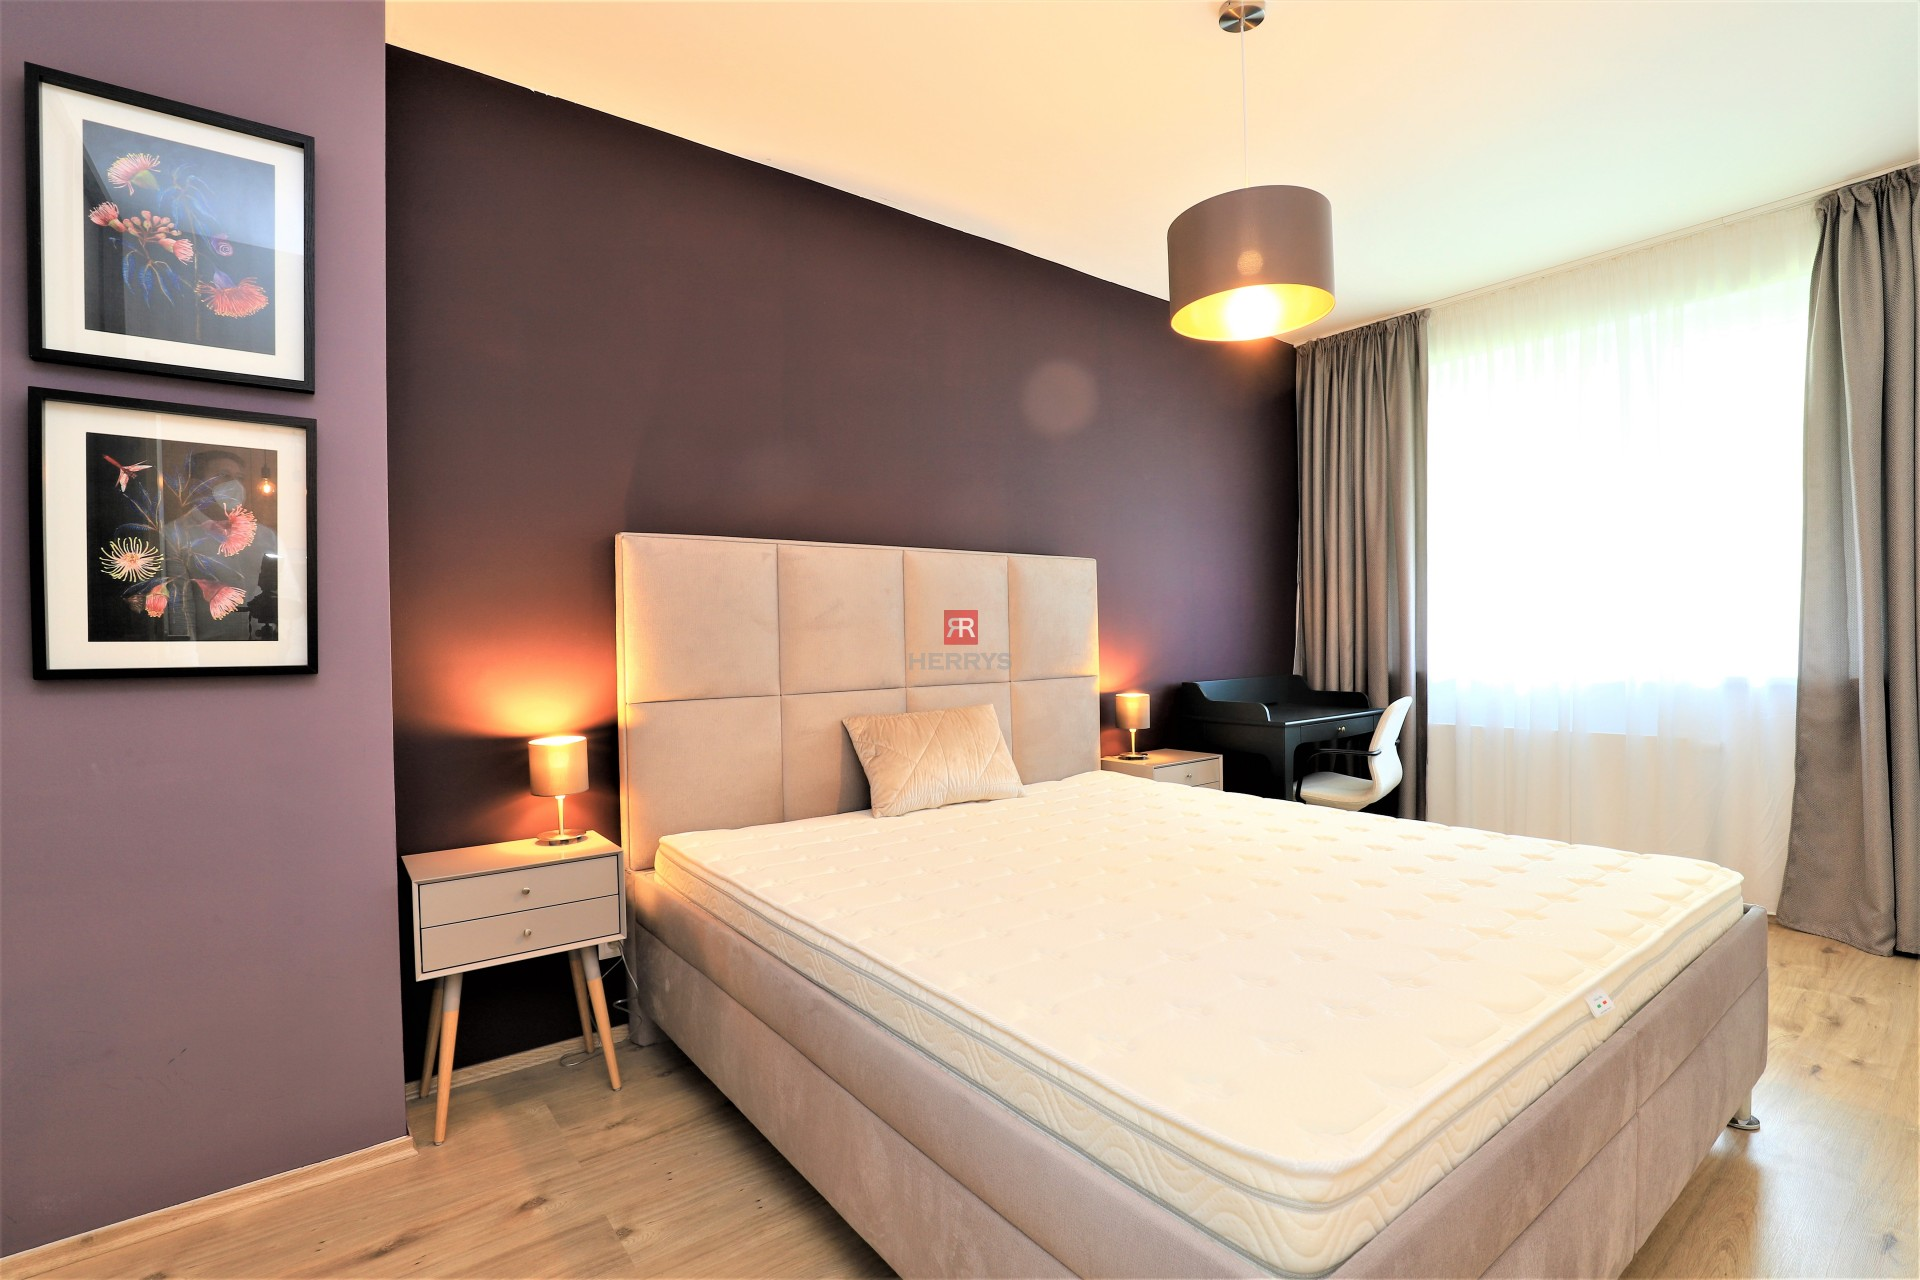 HERRYS - Prenájom – slnečný 2 izbový štýlový byt vrátane parkovacieho miesta v projekte NUPPU